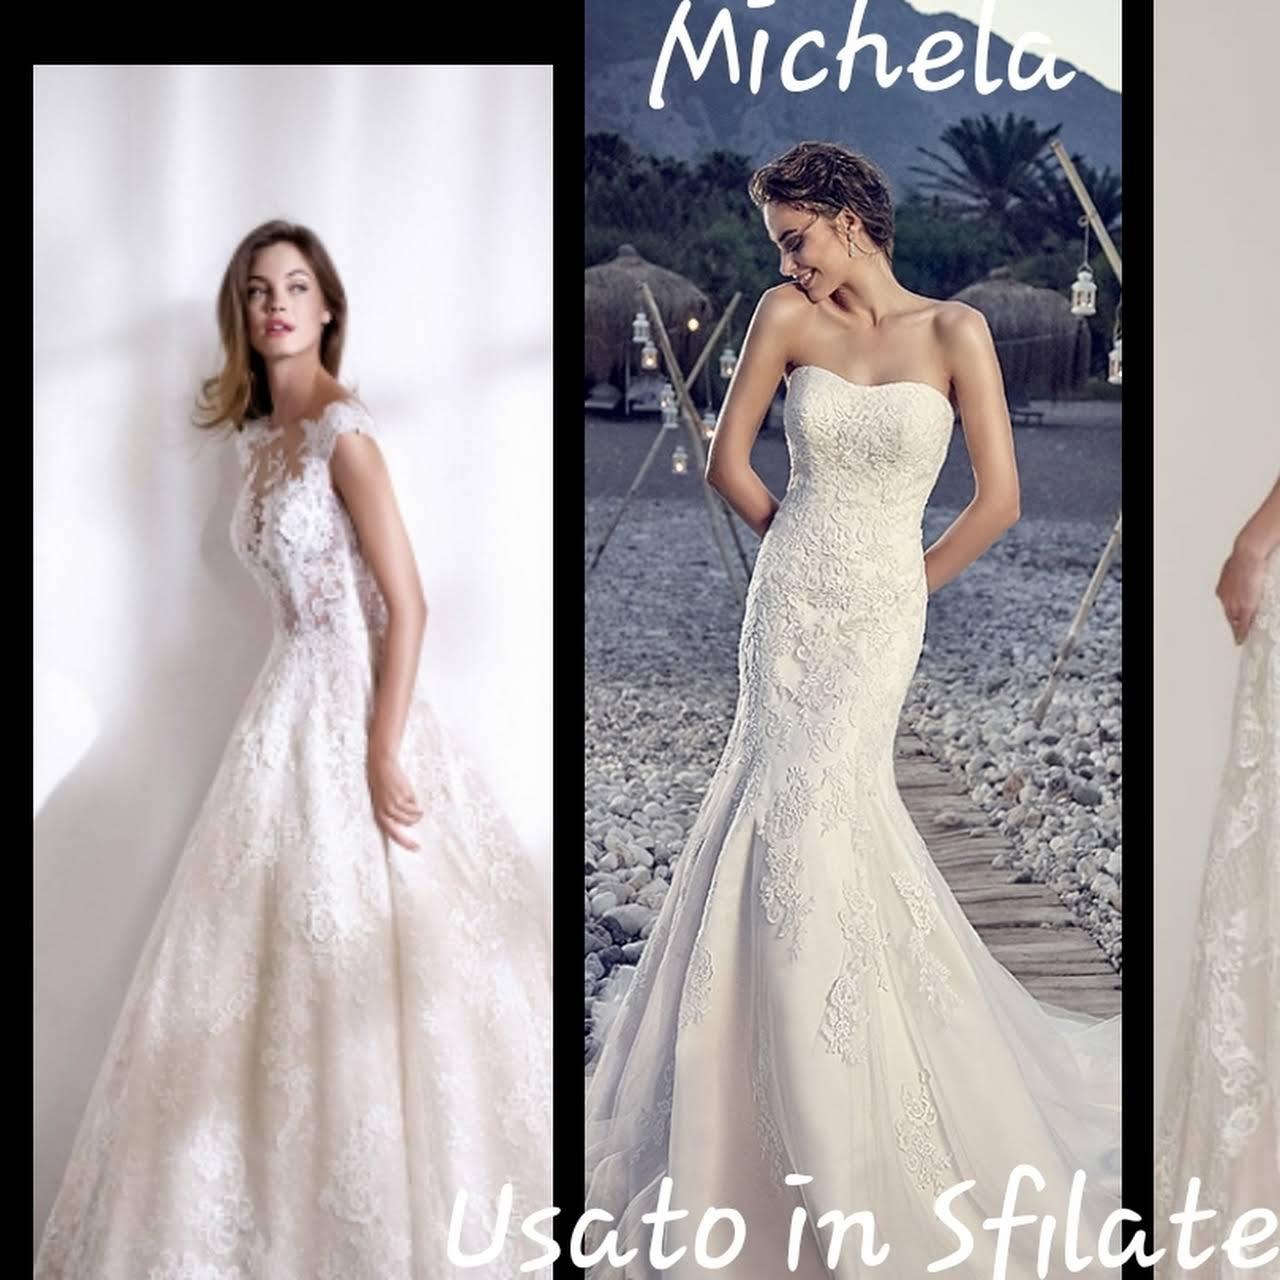 6c54422e2129 Pubblicato il giorno 3-mag-2019. Mercatino Michela - Boutique a Bergamo  della Seconda Mano Glamour. Vendiamo e Ritiriamo Abiti da Sposa ...